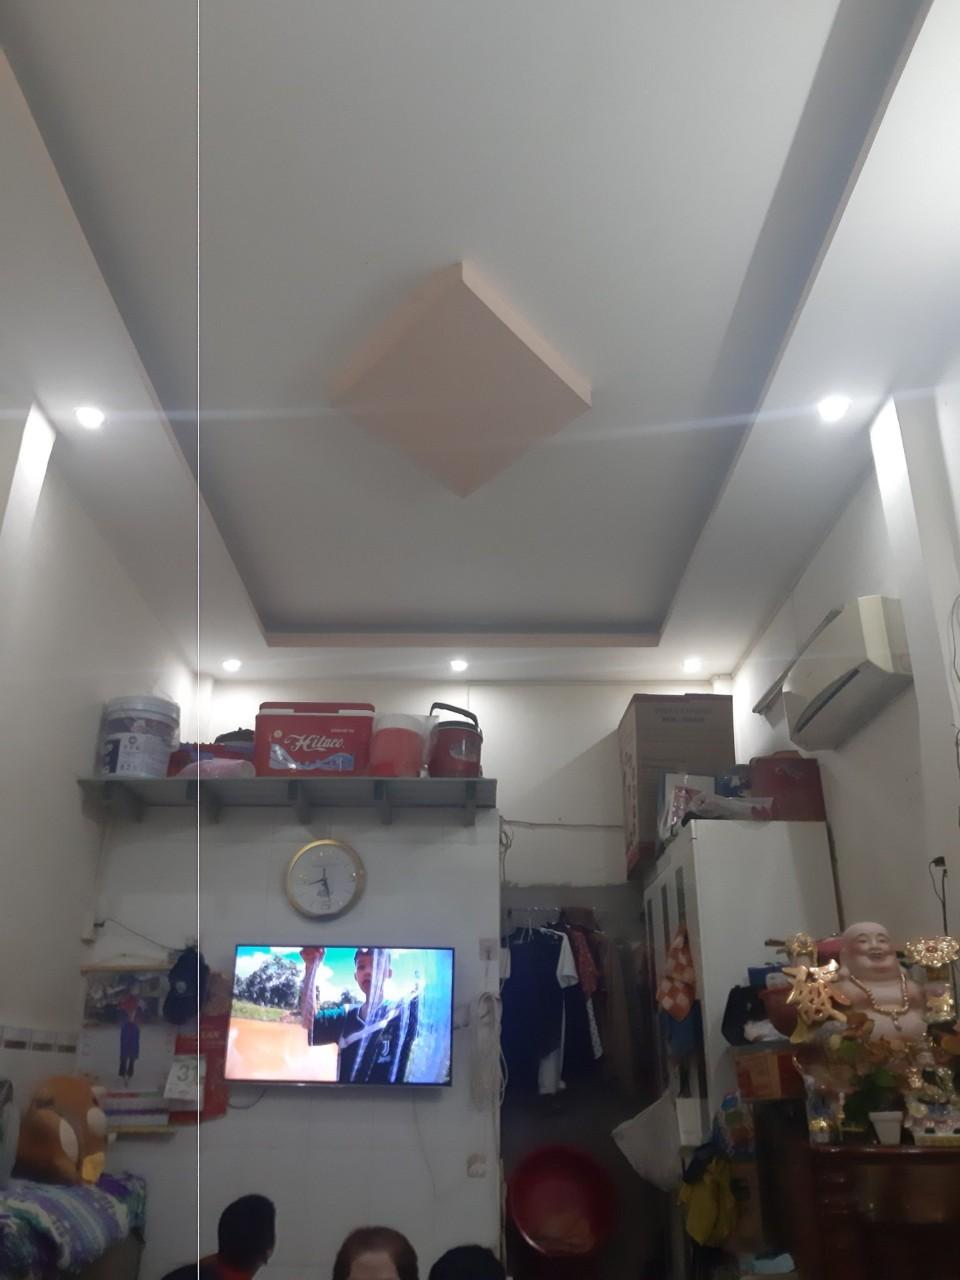 Bán nhà hẻm 198 Nguyễn Sơn quận Tân Phú giá rẻ 2020